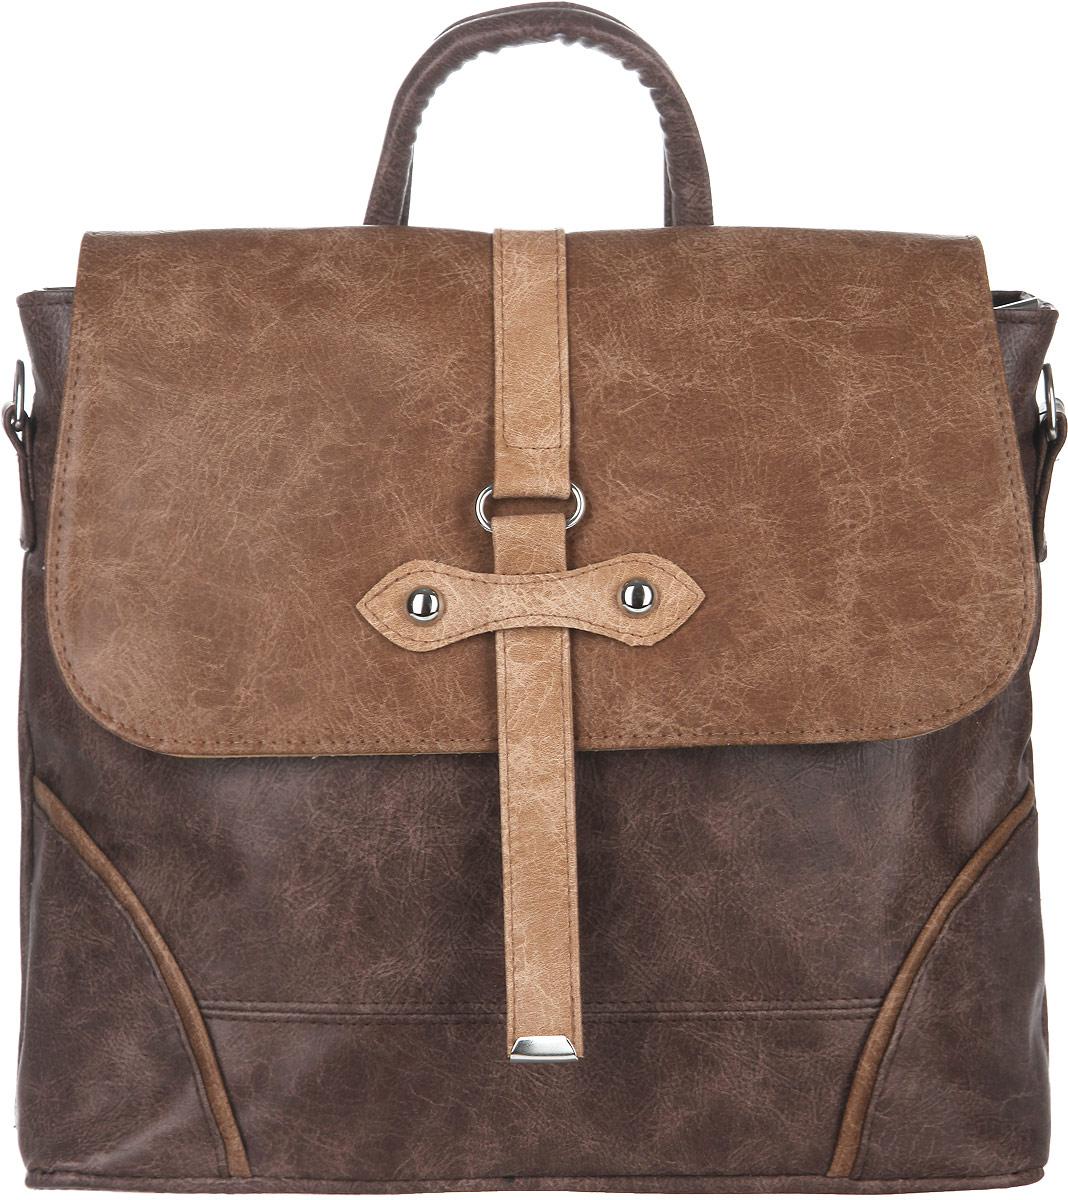 Сумка-рюкзак женская Leighton, цвет: коричневый, светло-коричневый. 700700 коричнСтильная женская сумка-рюкзак Leighton выполнена из искусственной кожи. Изделие имеет одно отделение, разделенное пополам карманом-средником на застежке-молнии. Закрывается на застежку-молнию и дополнительно на клапан с магнитной кнопкой. Внутри находятся накладной карман на застежке-молнии и два накладных открытых кармана. Снаружи, на задней стенке предусмотрен прорезной карман на застежке-молнии. Модель оснащена съемным регулируемым плечевым ремнем, который позволяет носить изделие на плече как сумку или перестегнув на лямки, как рюкзак, и удобной ручкой. Стильная сумка-рюкзак поможет вам подчеркнуть чувство стиля и завершить выбранный образ.